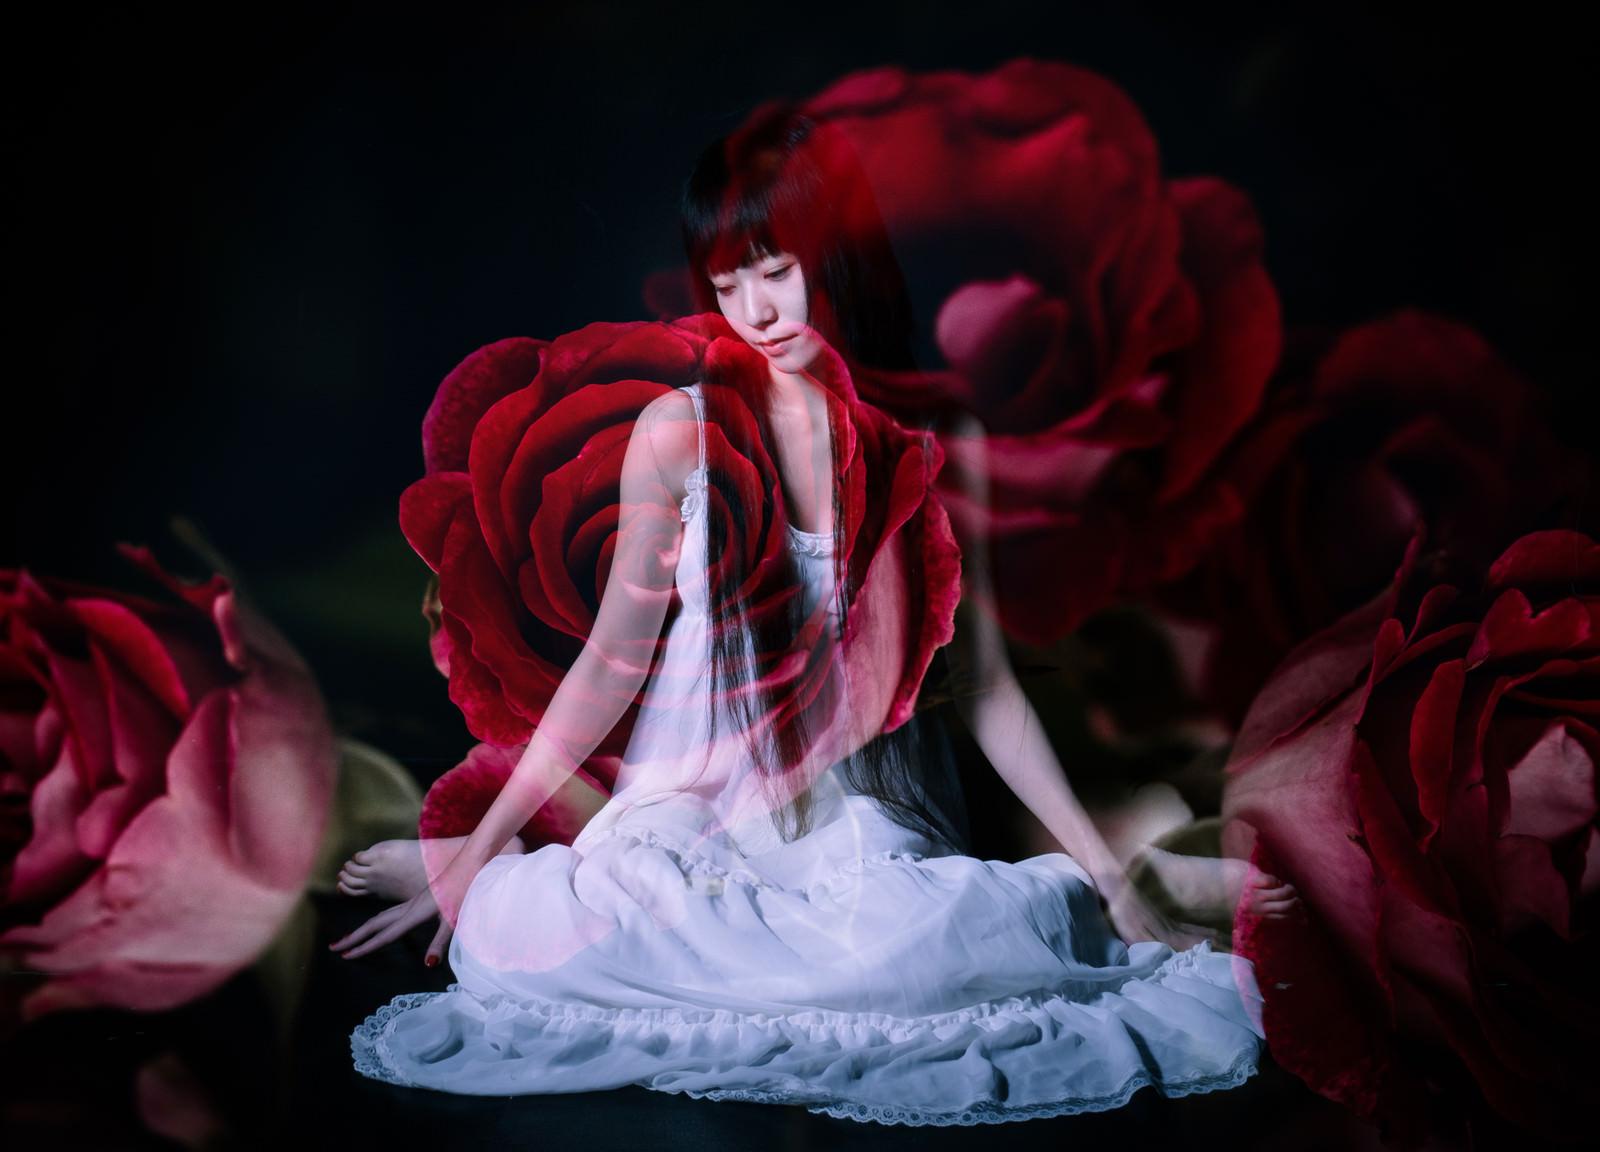 「薔薇と女性(フォトモンタージュ)」の写真[モデル:緋真煉]